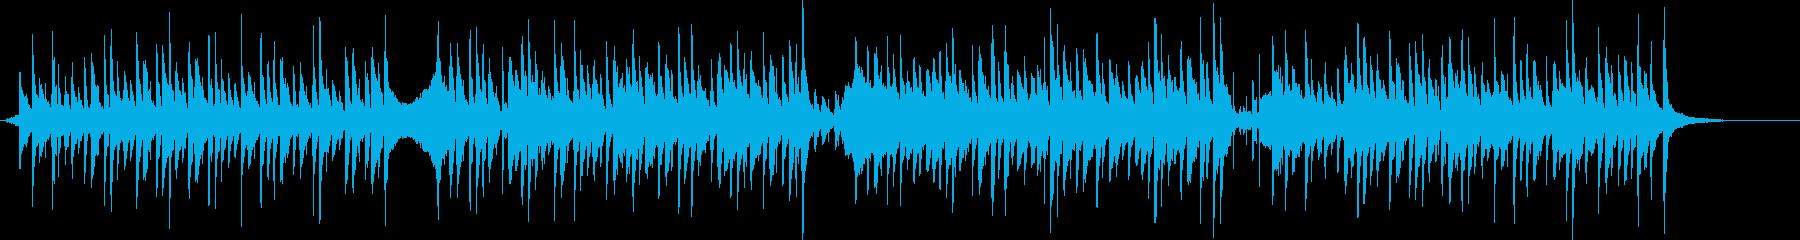 ラテン ジャズ バサノバ ポジティ...の再生済みの波形